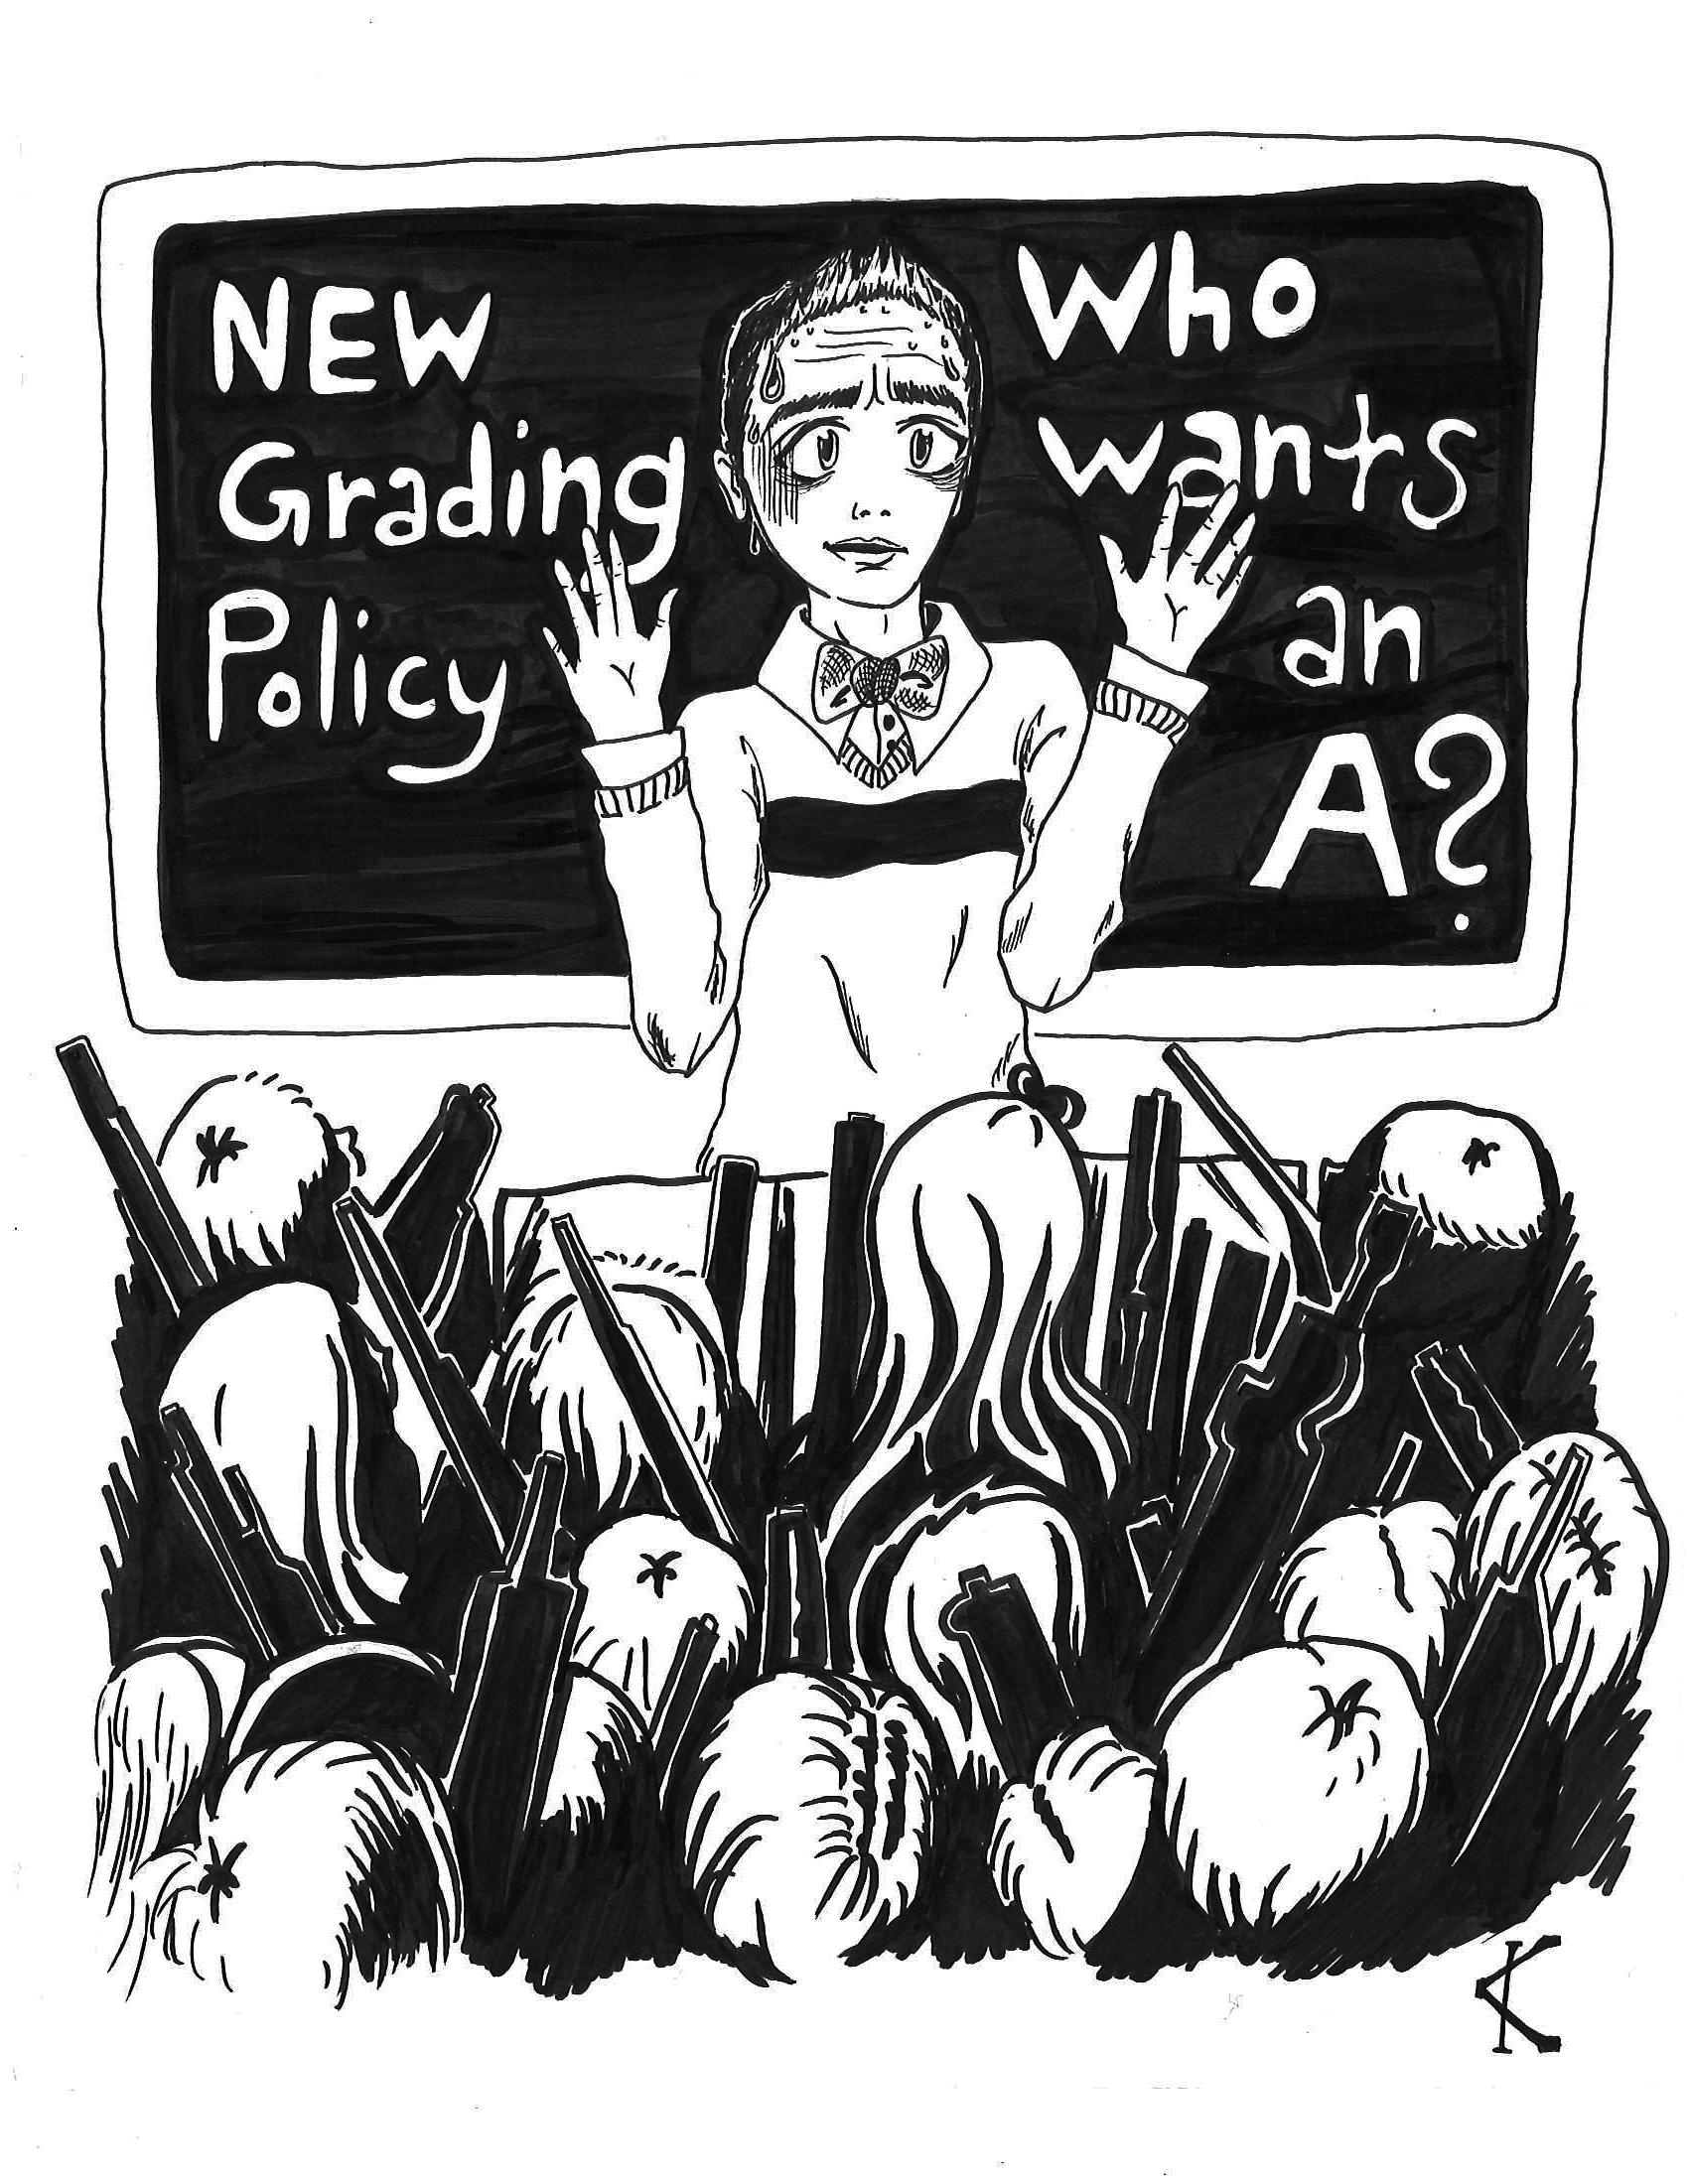 Foghorn-News-grades-guns-cartoon.jpg